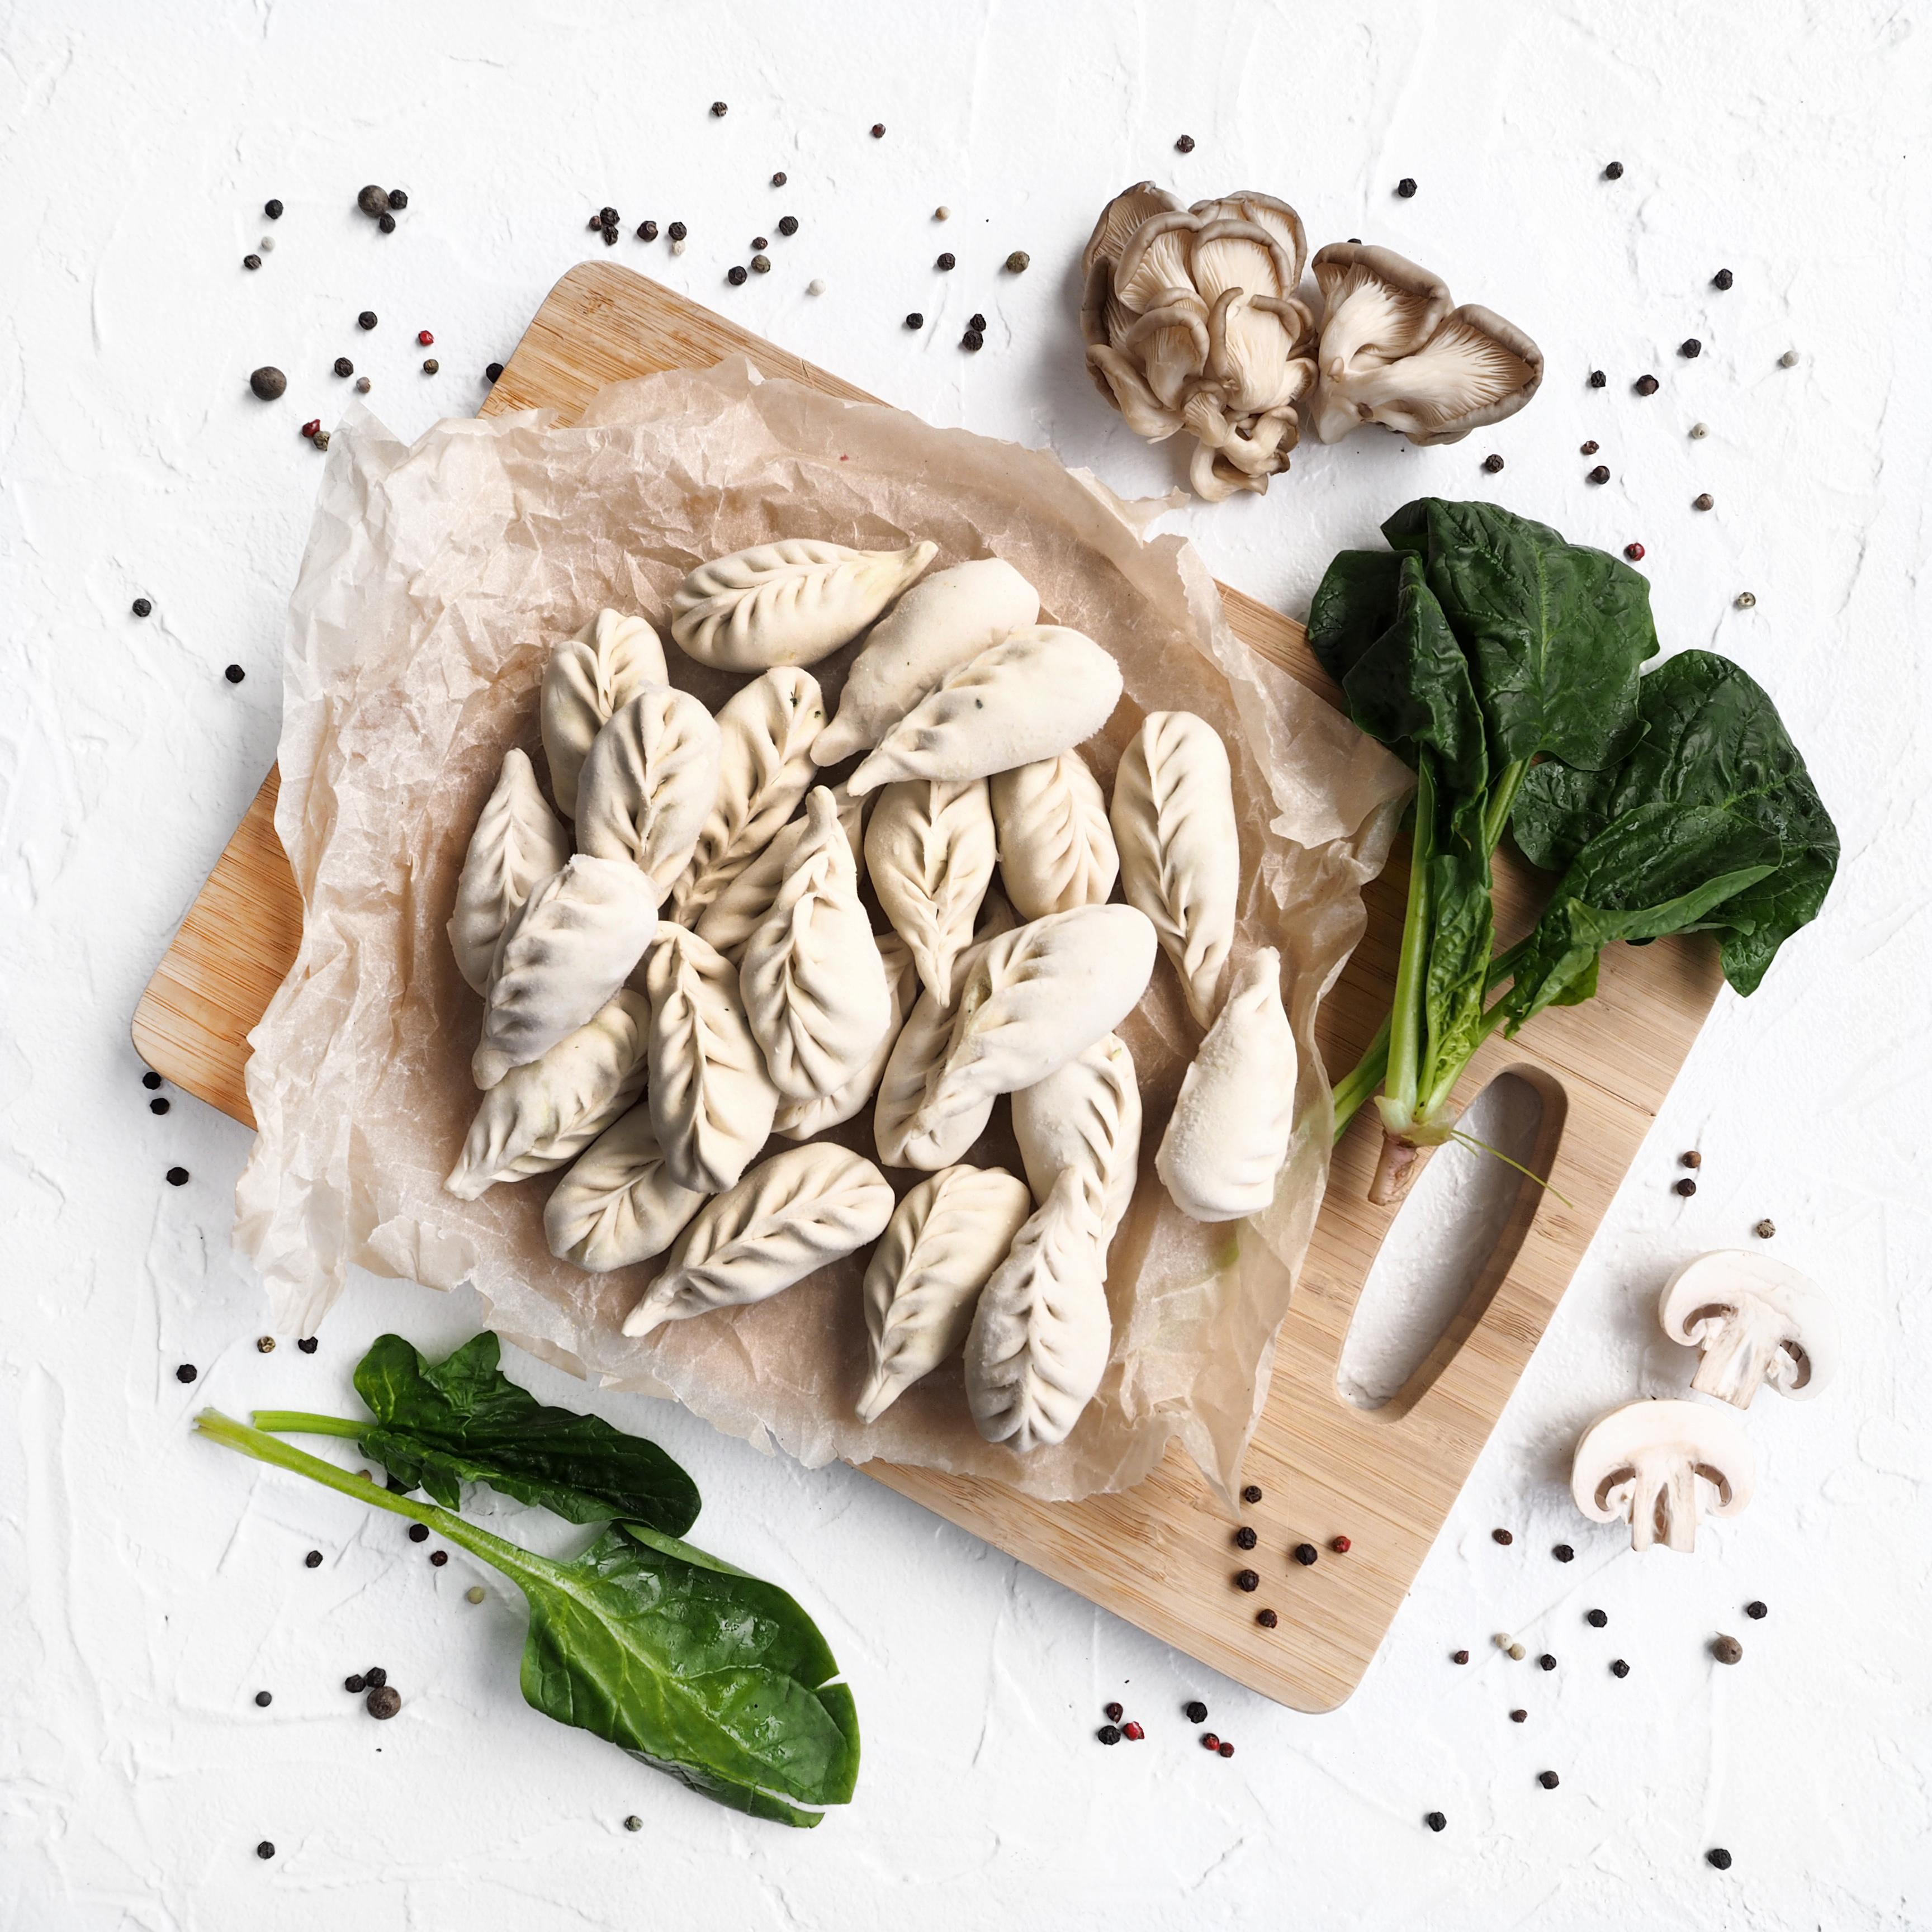 Веганские вареники с грибами и шпинатом (500 г)